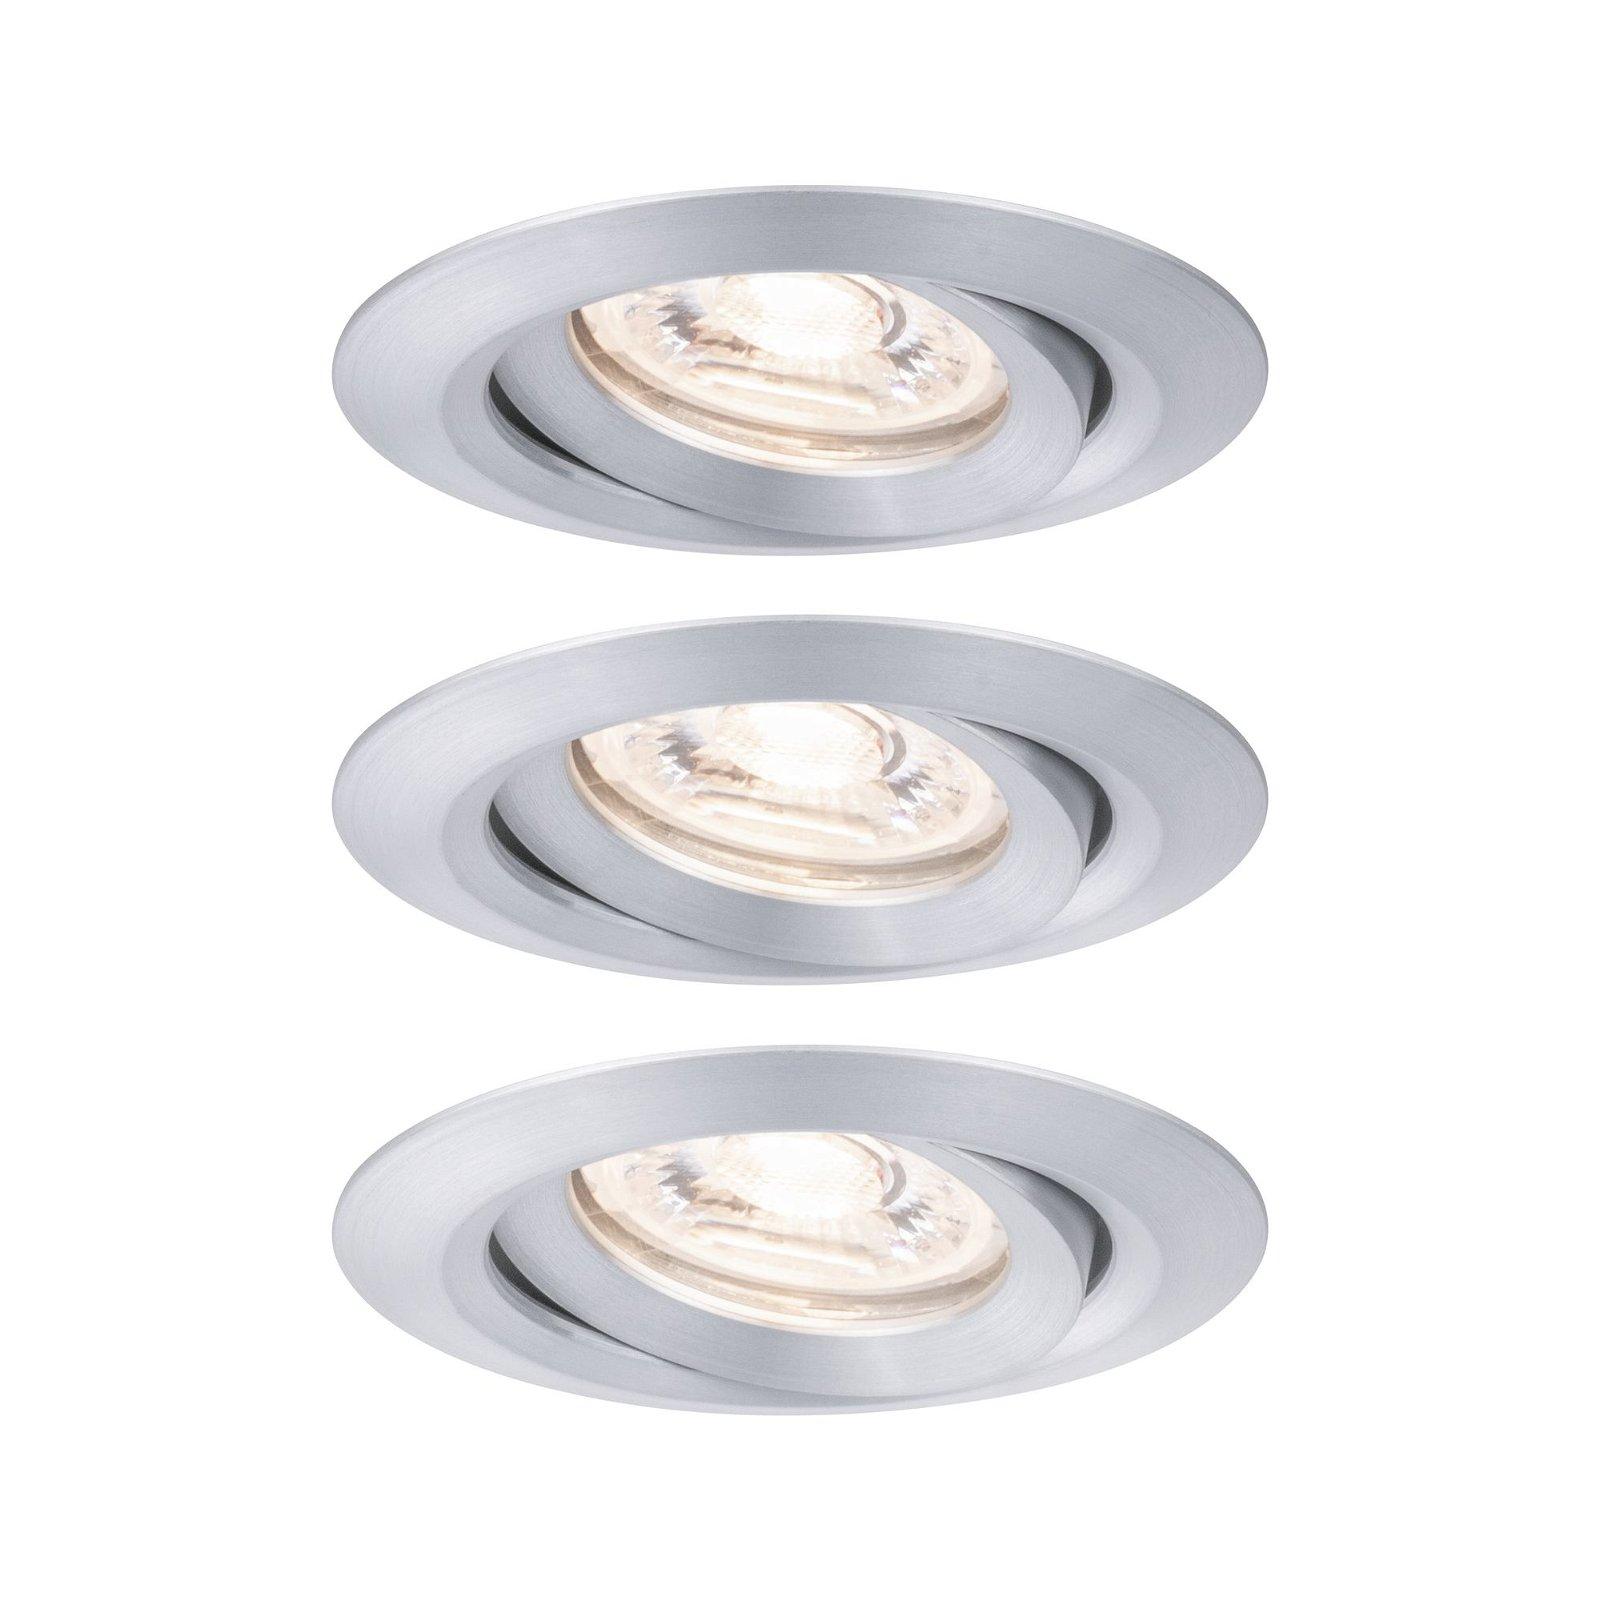 LED Einbauleuchte Nova Mini Coin Basisset schwenkbar rund 66mm 15° Coin 3x4W 3x310lm 230V 2700K Alu gedreht